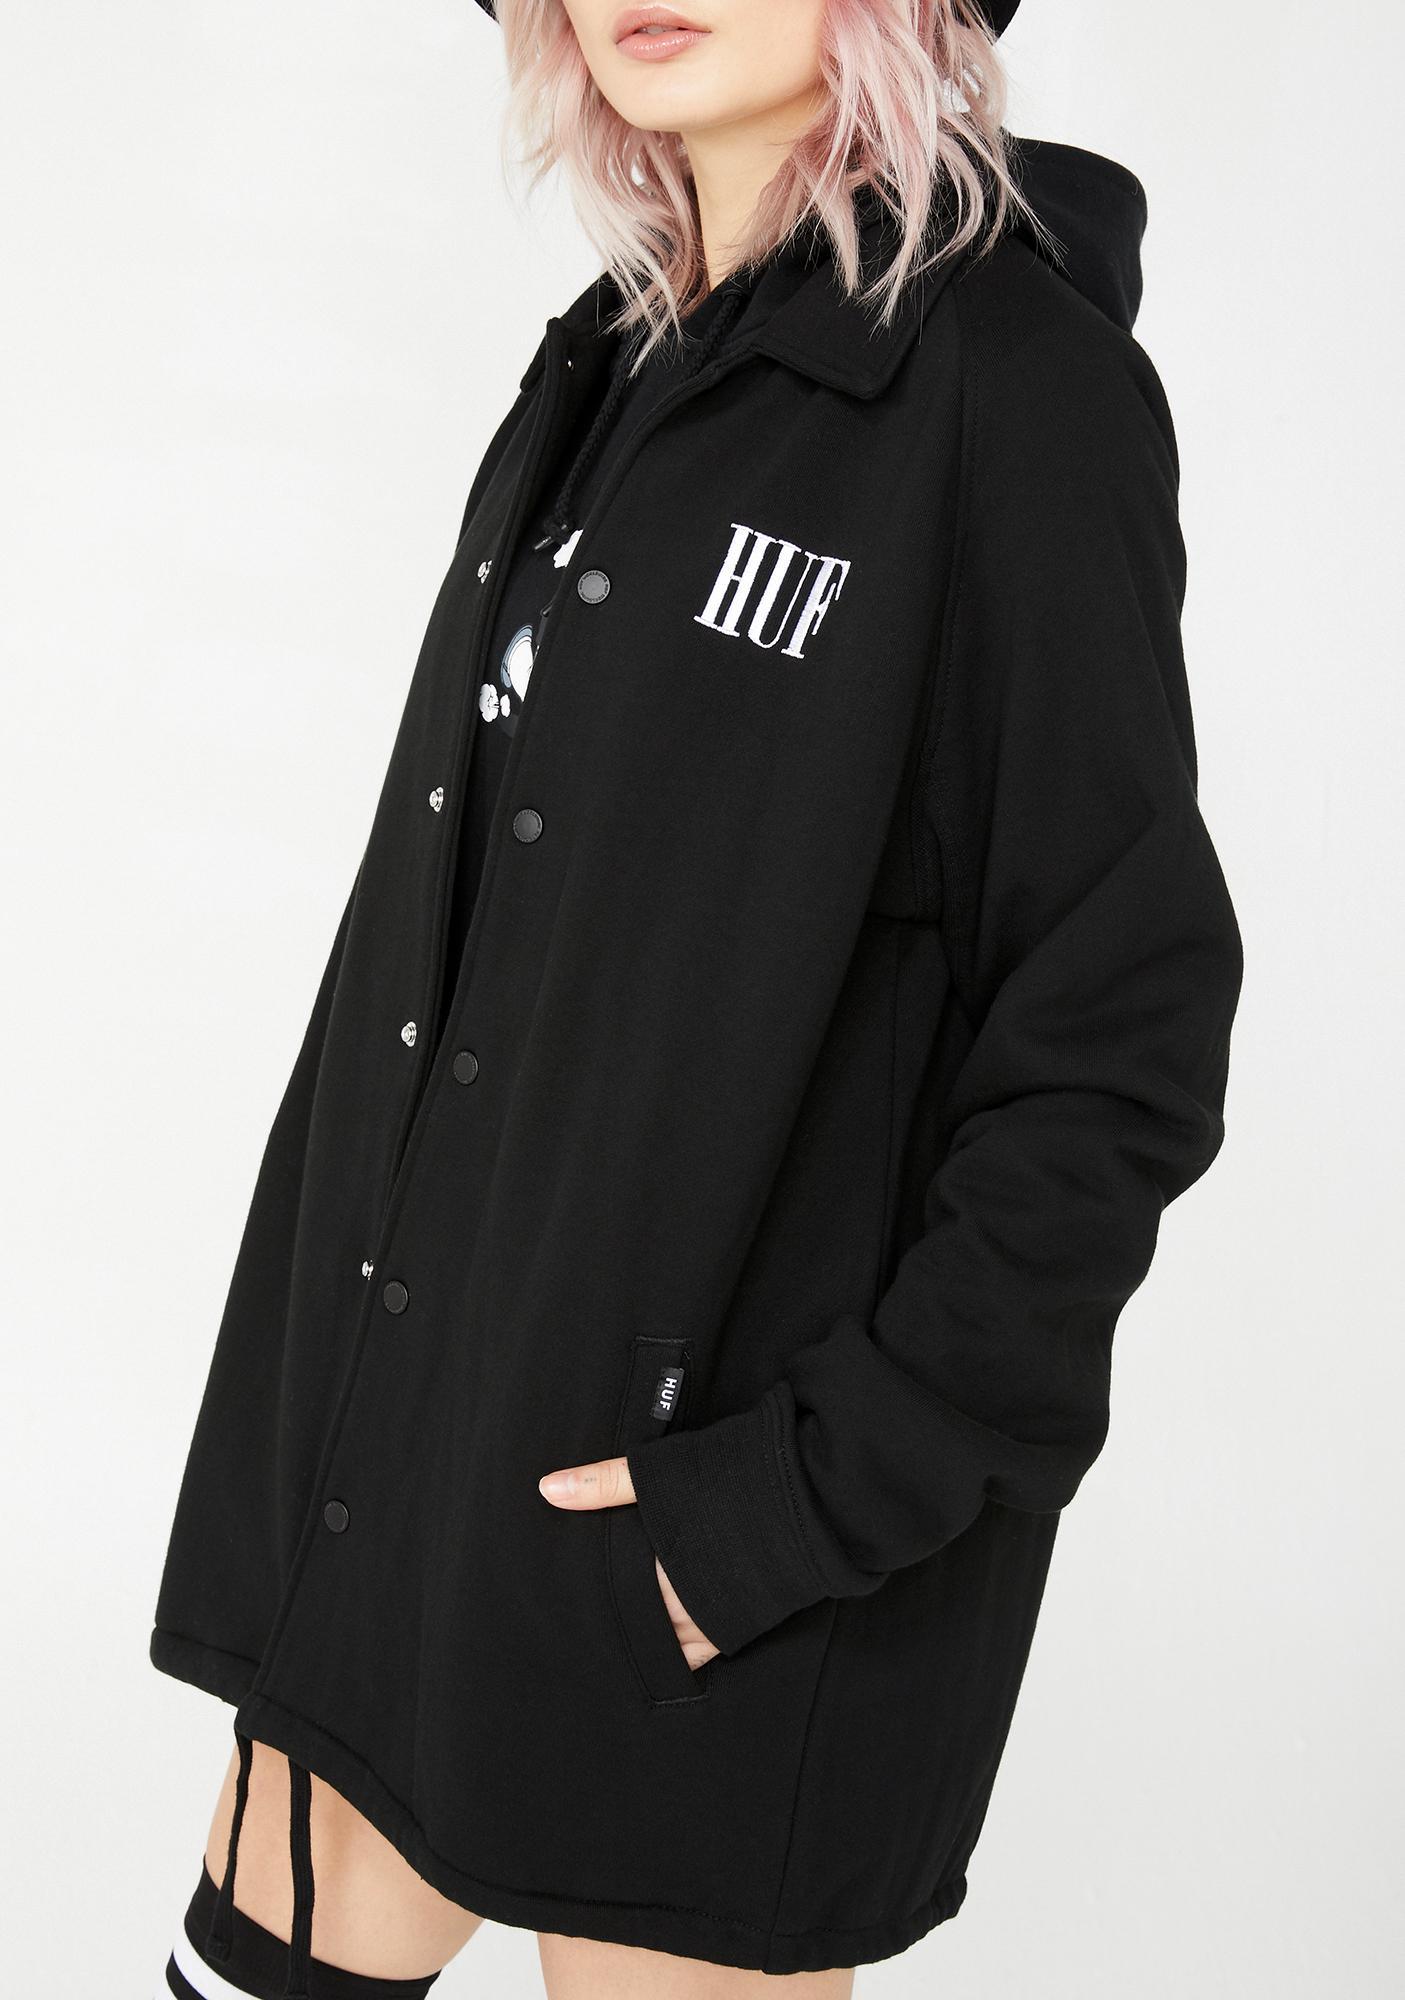 HUF Olive Fleece Coaches Jacket